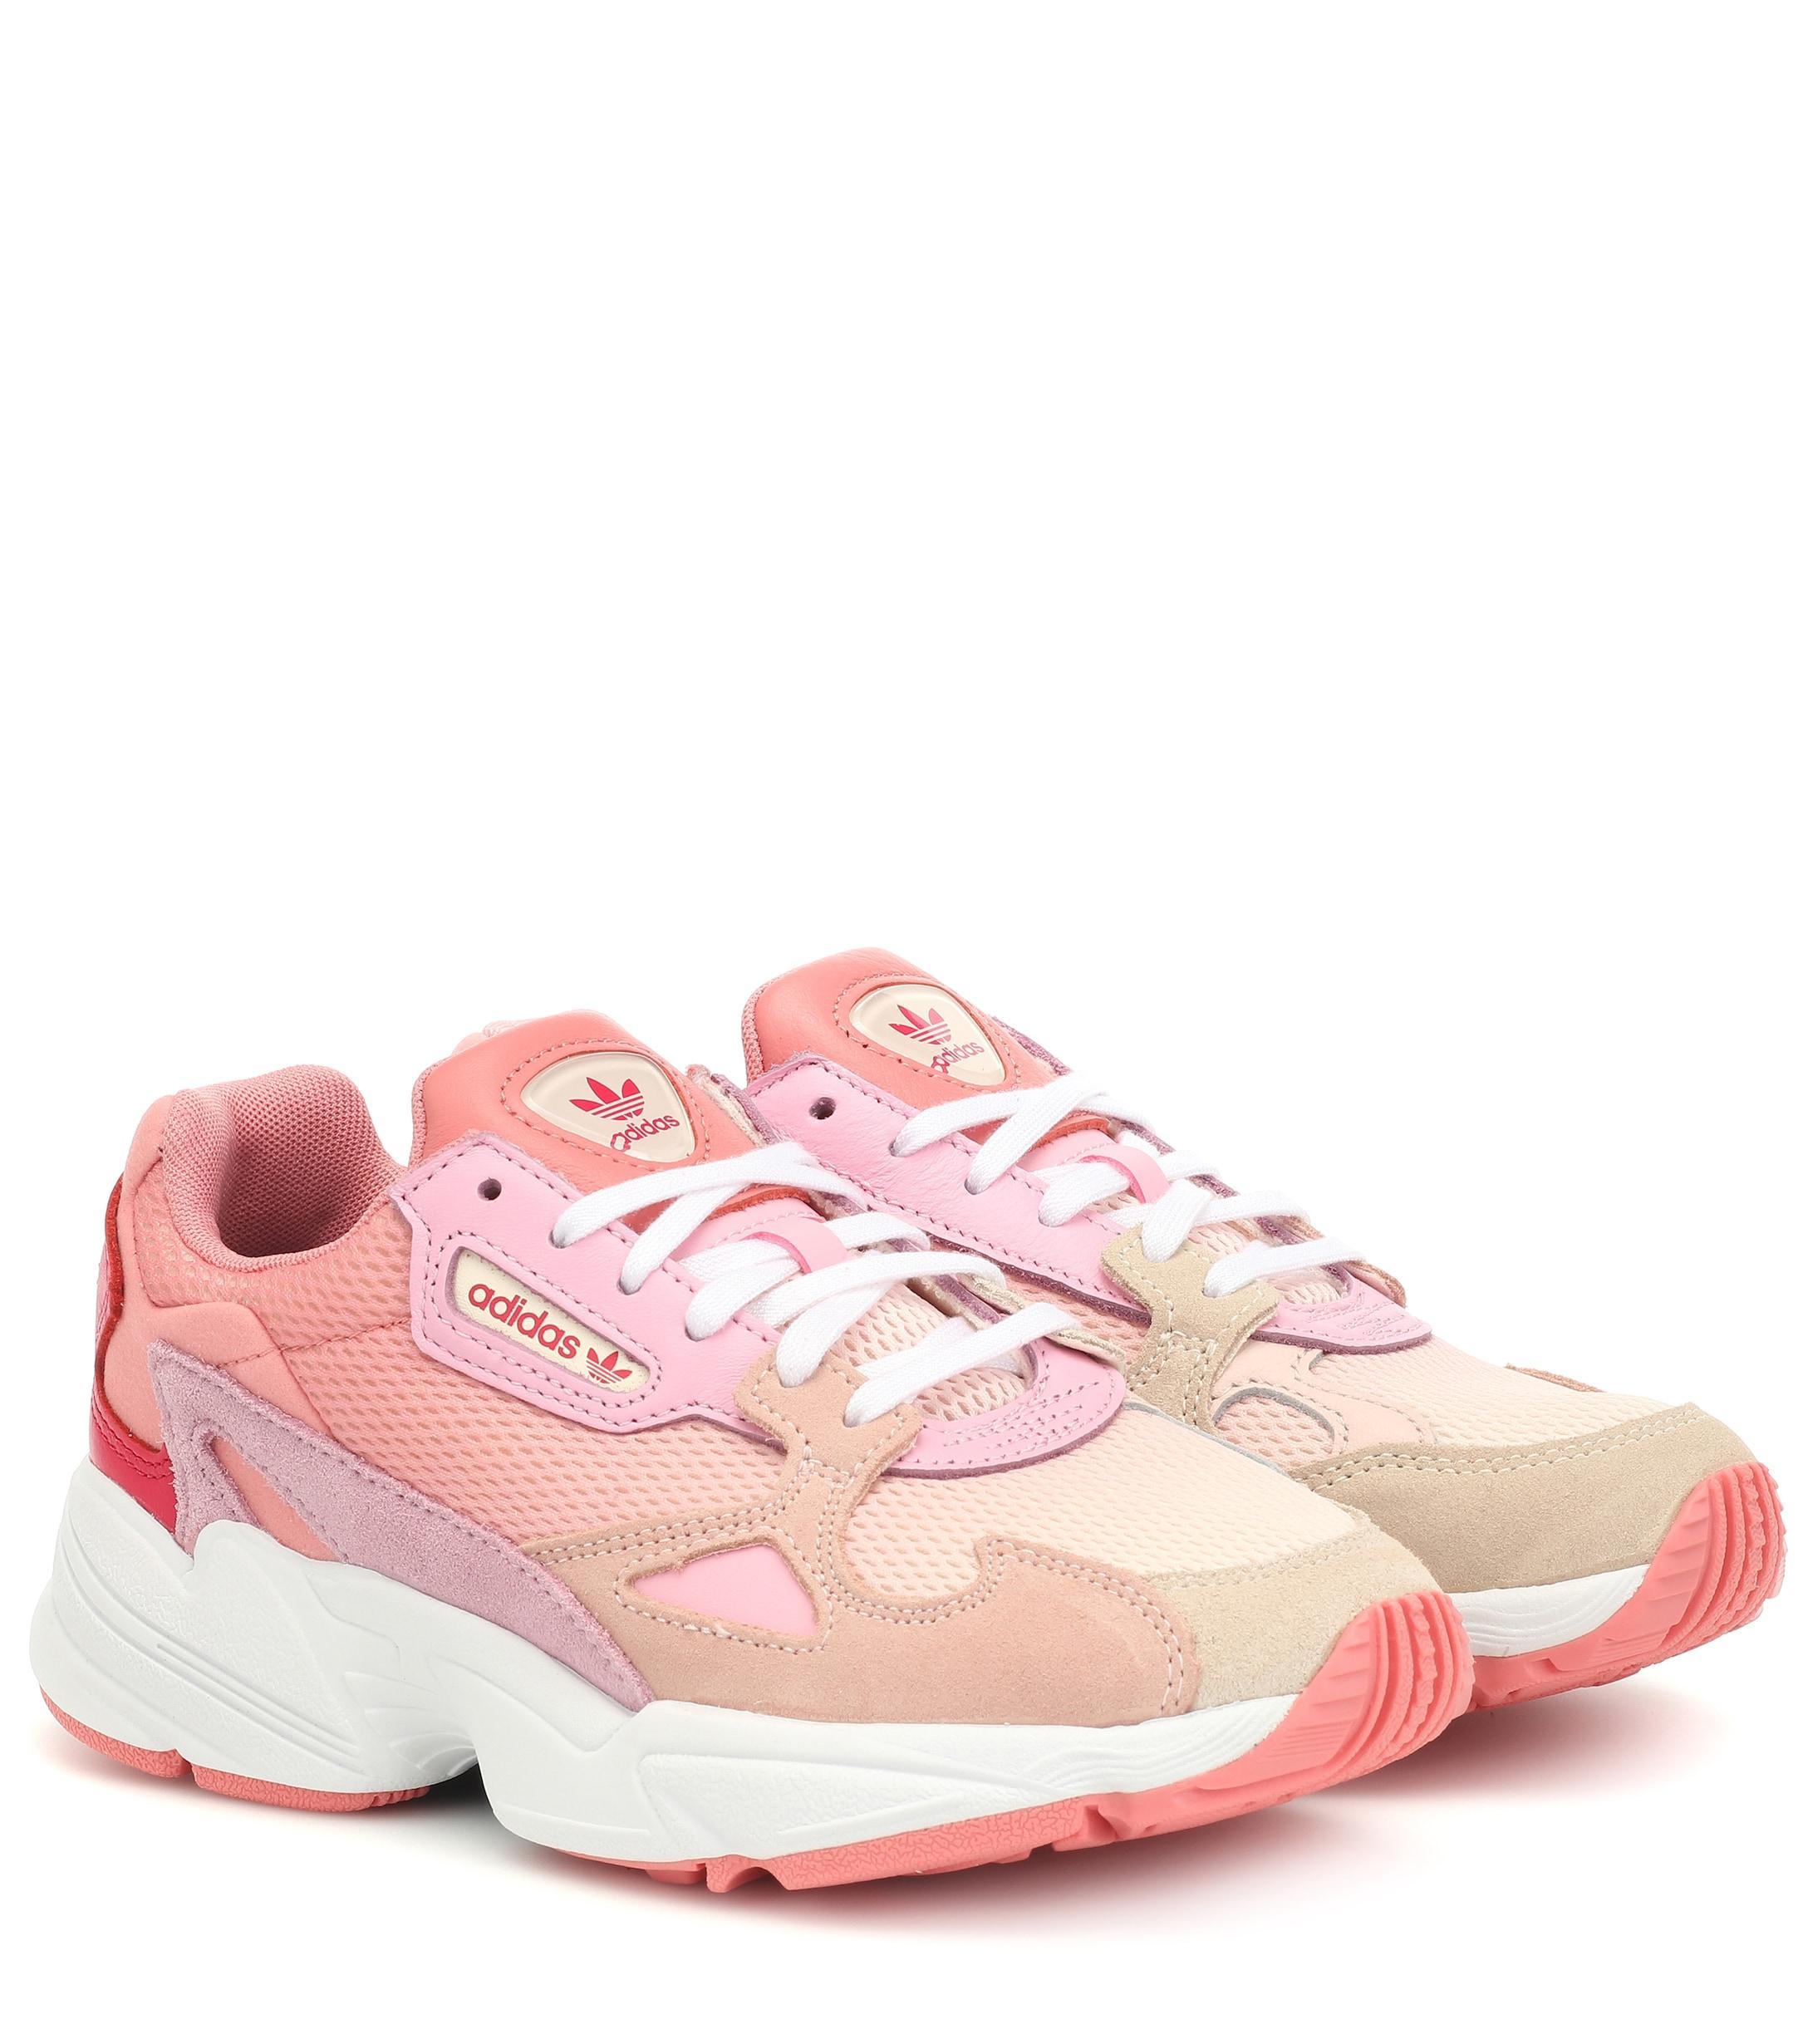 Falcon Runner Peach/peach in Pink